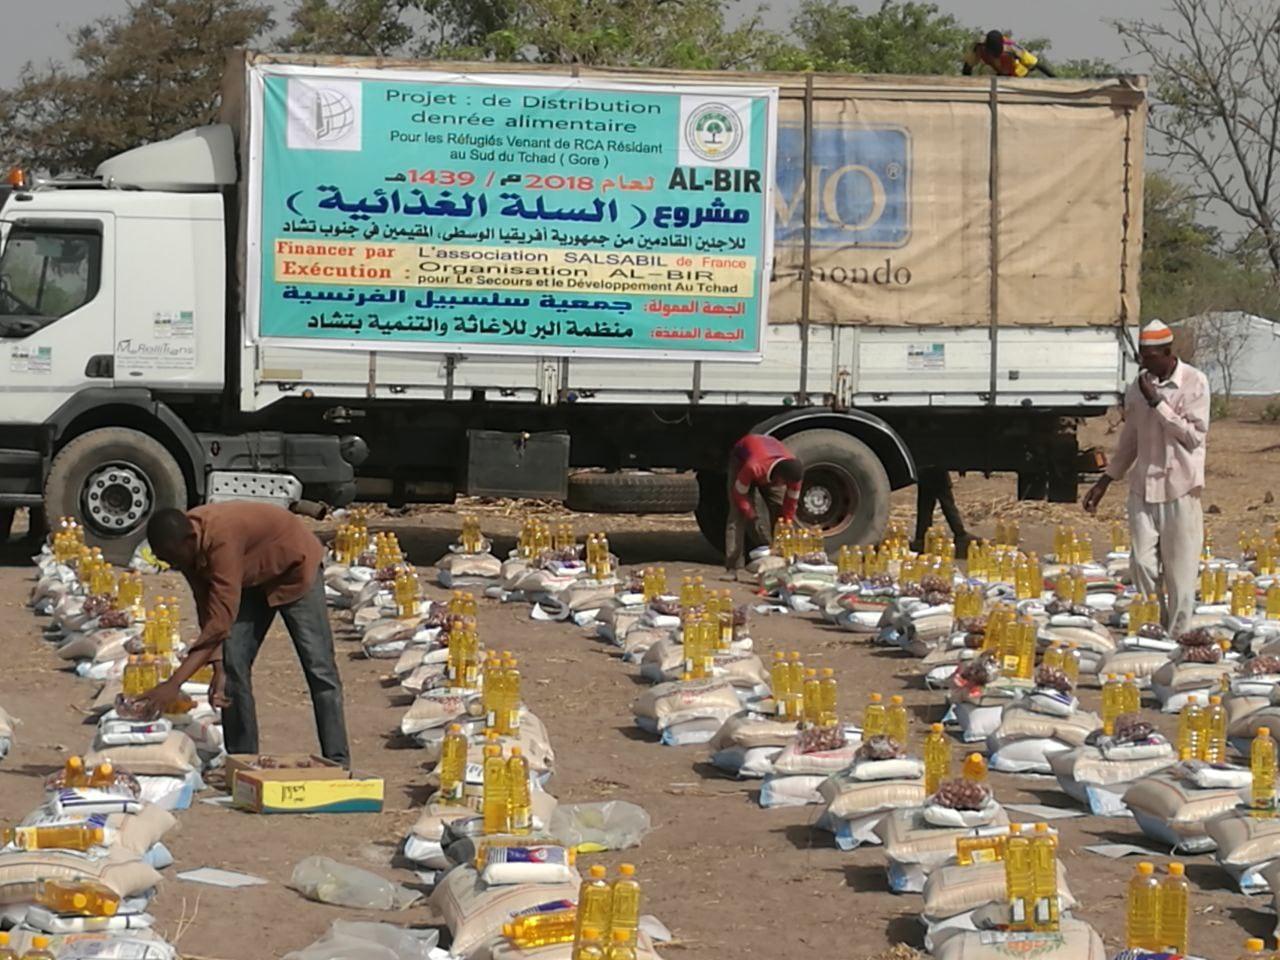 قافلة إغاثية لإطعام 500 اسرة من لاجئي جمهورية إفريقيا الوسطى في مخيمات قوري جنوب البلاد